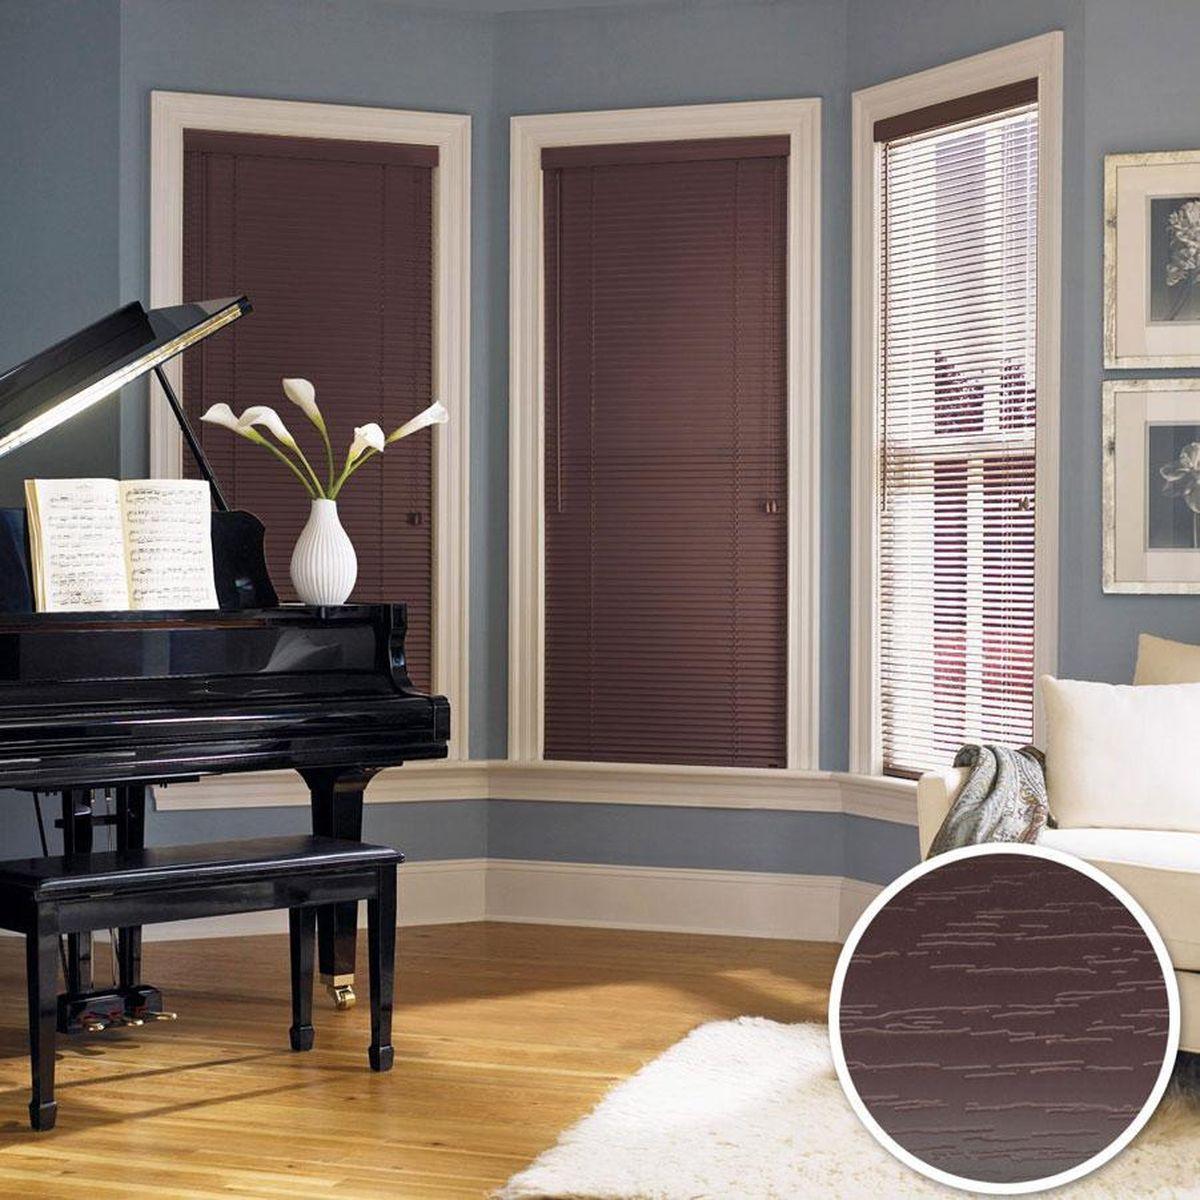 Жалюзи Эскар, цвет: темный кофе, ширина 100 см, высота 160 см61211100160Для того чтобы придать интерьеру изюминку и завершенность, нет ничего лучше, чем использовать жалюзи на окнах квартиры, дома или офиса. С их помощью можно подчеркнуть индивидуальный вкус, а также стилевое оформление помещения. Помимо декоративных функций, жалюзи выполняют и практические задачи: они защищают от излишнего солнечного света, не дают помещению нагреваться, а также создают уют в темное время суток.Пластиковые жалюзи - самое универсальное и недорогое решение для любого помещения. Купить их может каждый, а широкий выбор размеров под самые популярные габариты сделает покупку простой и удобной. Пластиковые жалюзи имеют высокие эксплуатационные характеристики - они гигиеничны, что делает их незаменимыми при монтаже в детских и медицинских учреждениях.